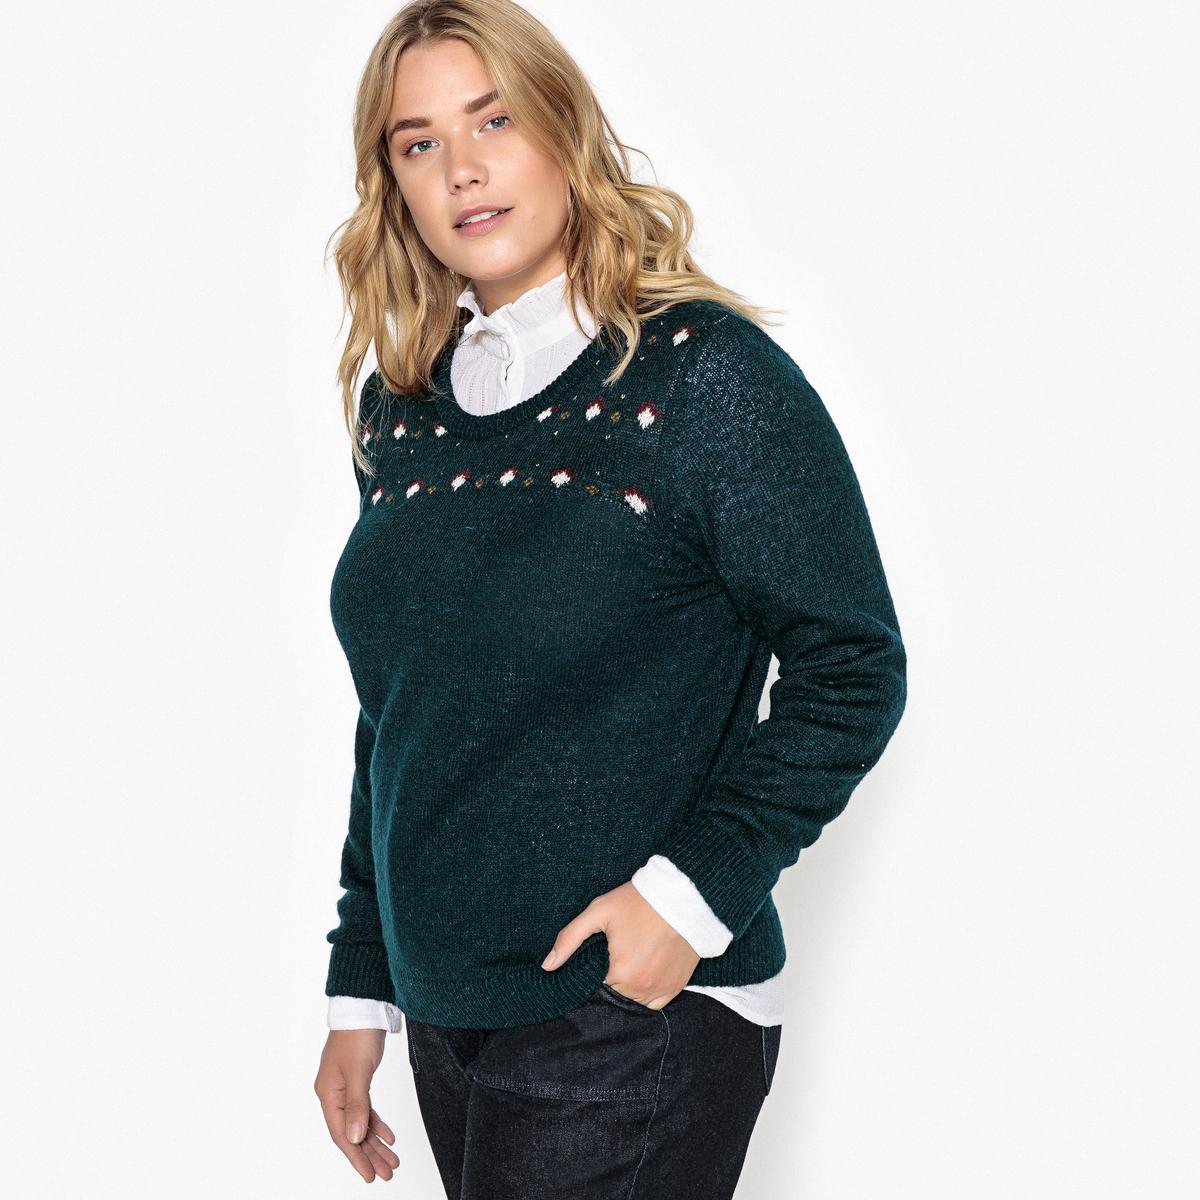 Пуловер с круглым вырезом из тонкого жаккардового трикотажа